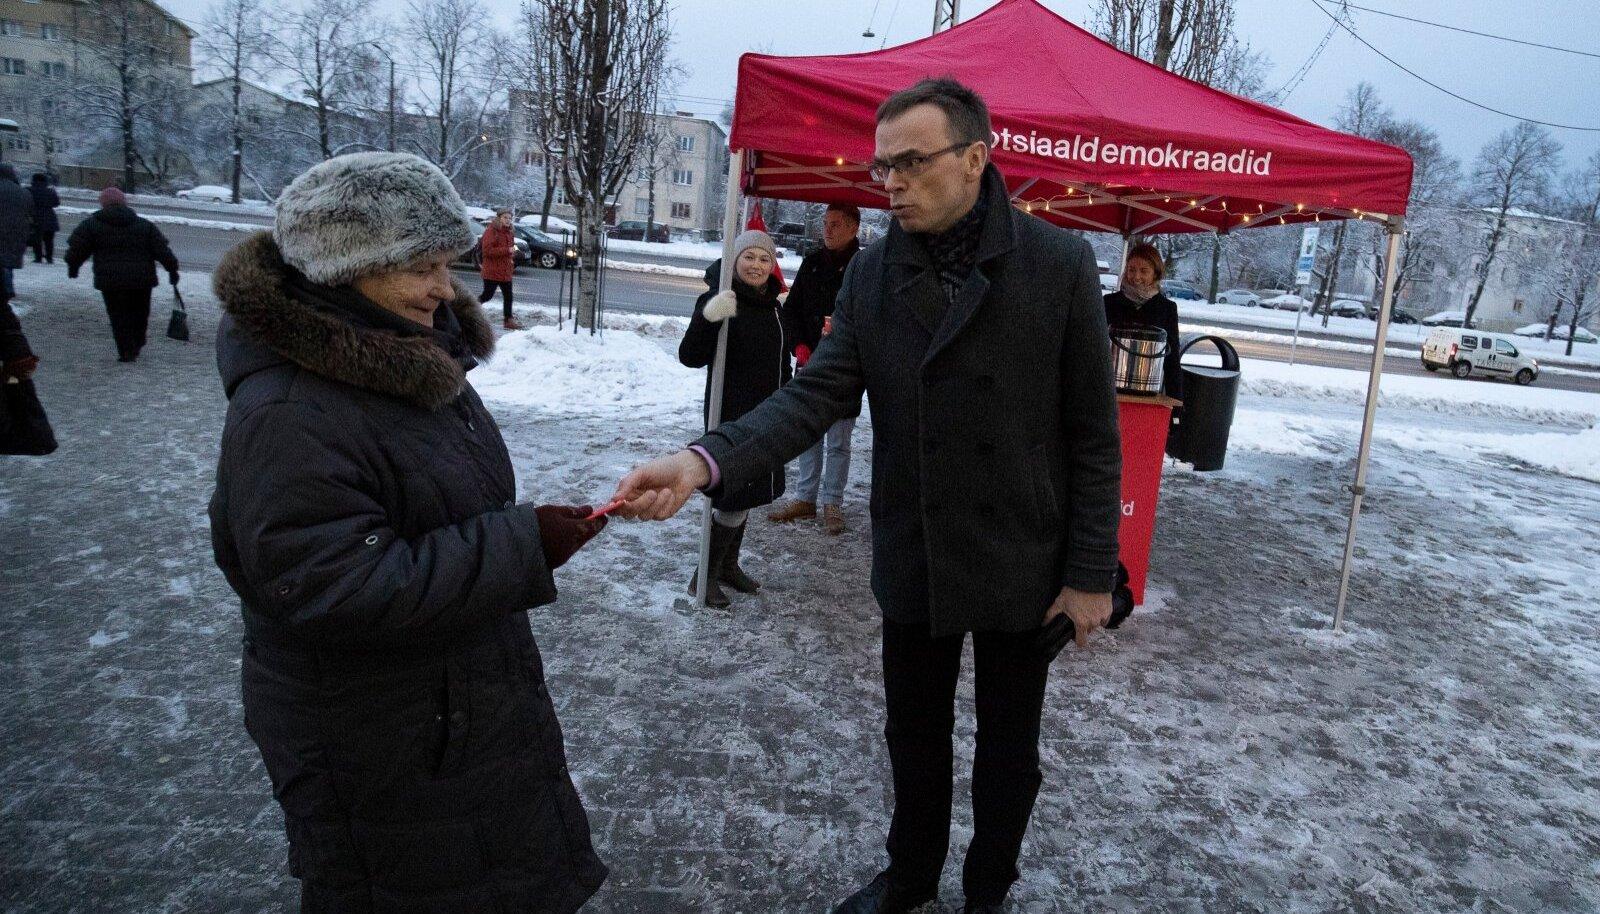 Eestis on erakondadel kombeks enne valimisi valijatele nänni jagada. Toetajatelt raha küsimist seevastu peetakse justkui häbiasjaks.